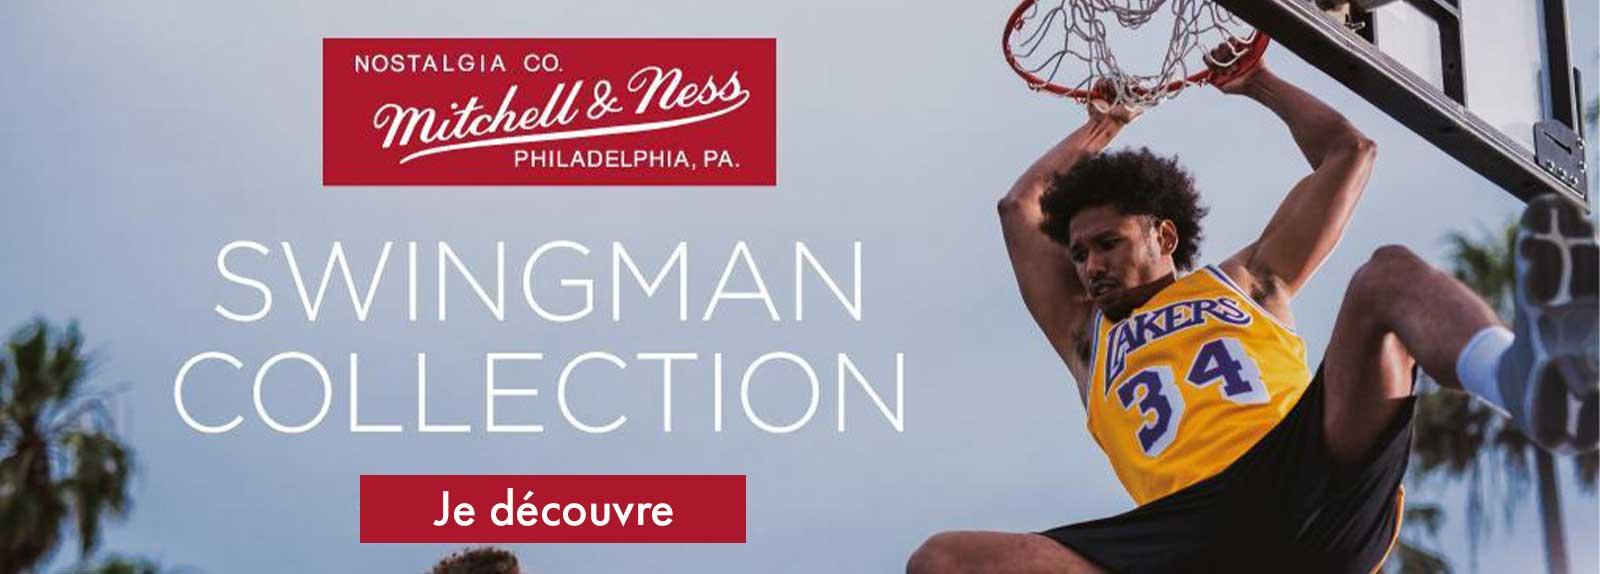 NBA Mitchell & Ness